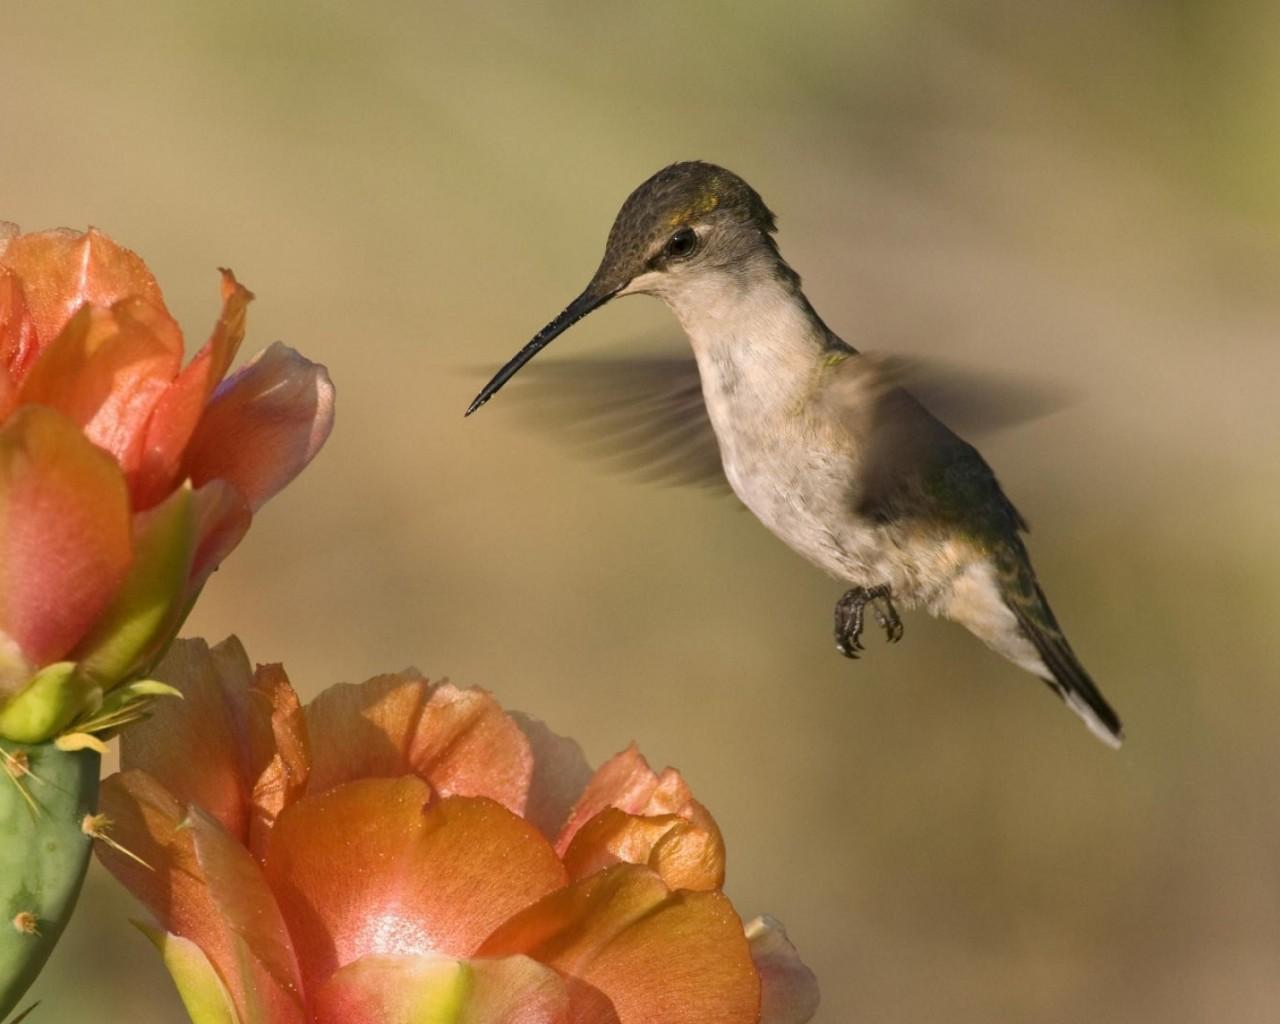 Физика в мире животных: колибри и ее полет - 2